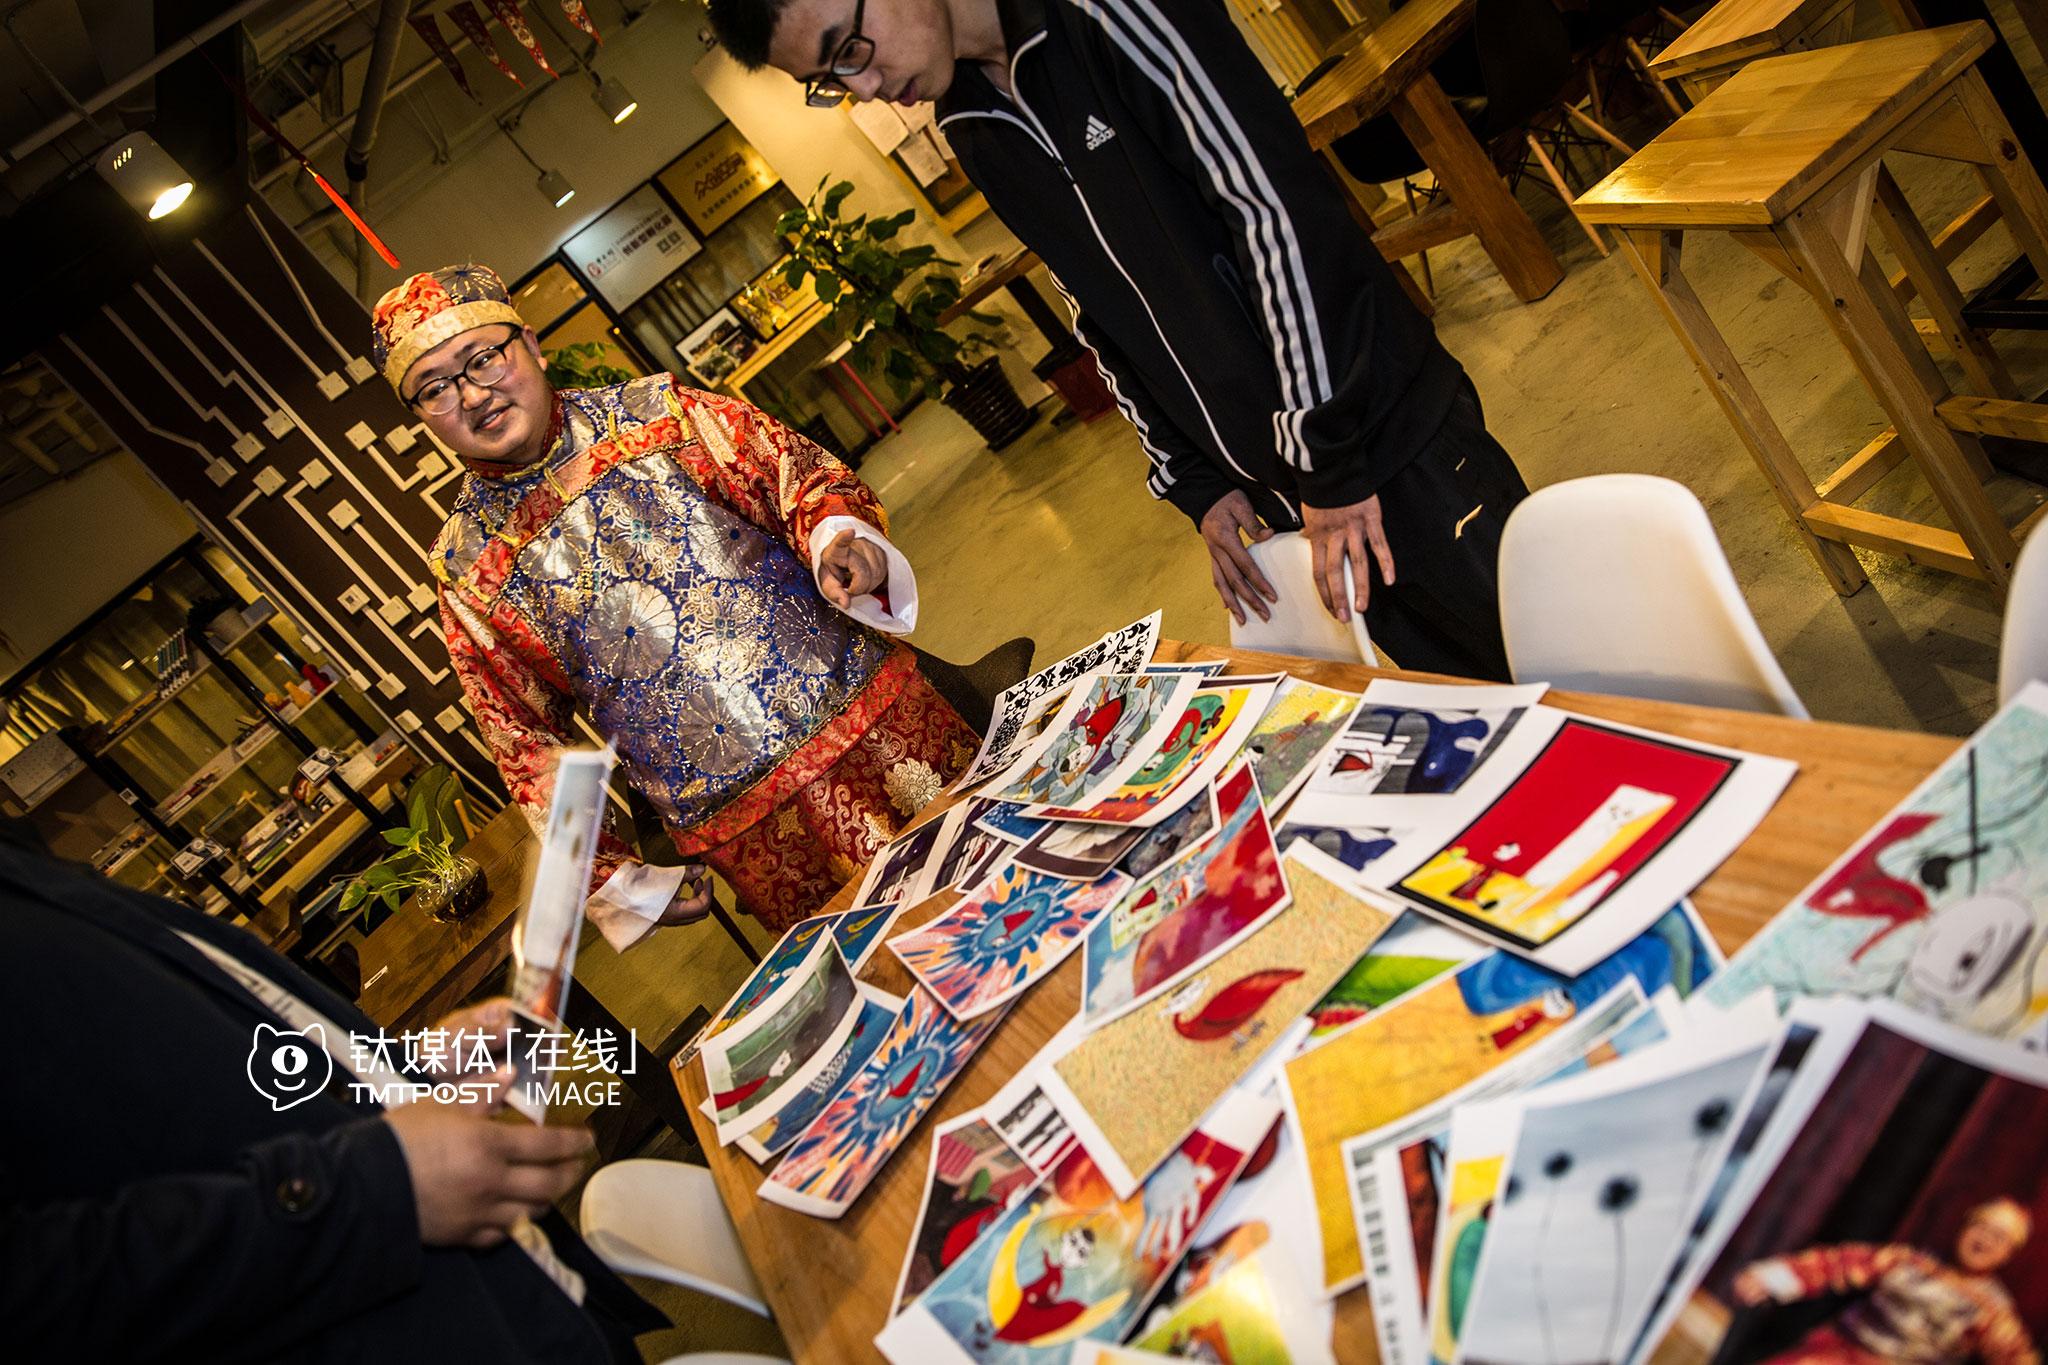 """吴建辉在咖啡馆向别人介绍自己的漫画,这些颇具云南民俗风的作品,引起了不少人的兴趣,""""我在打磨剧本,有些眉目了,现在就想找人一起拍出来,一起来让更多人知道。"""""""